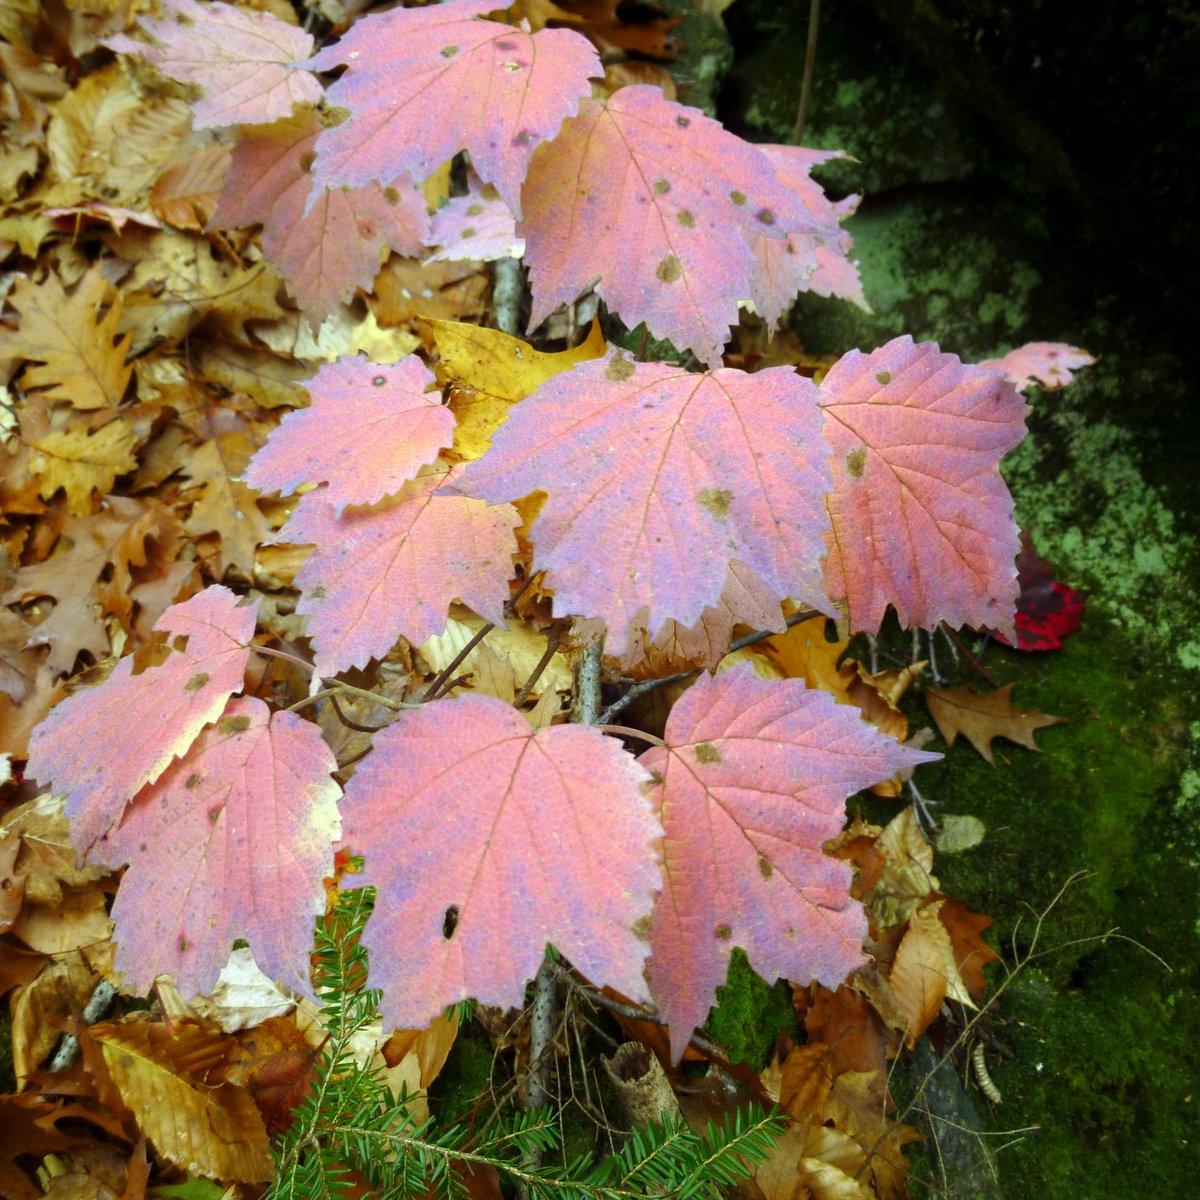 9. Maple Leaved Viburnum